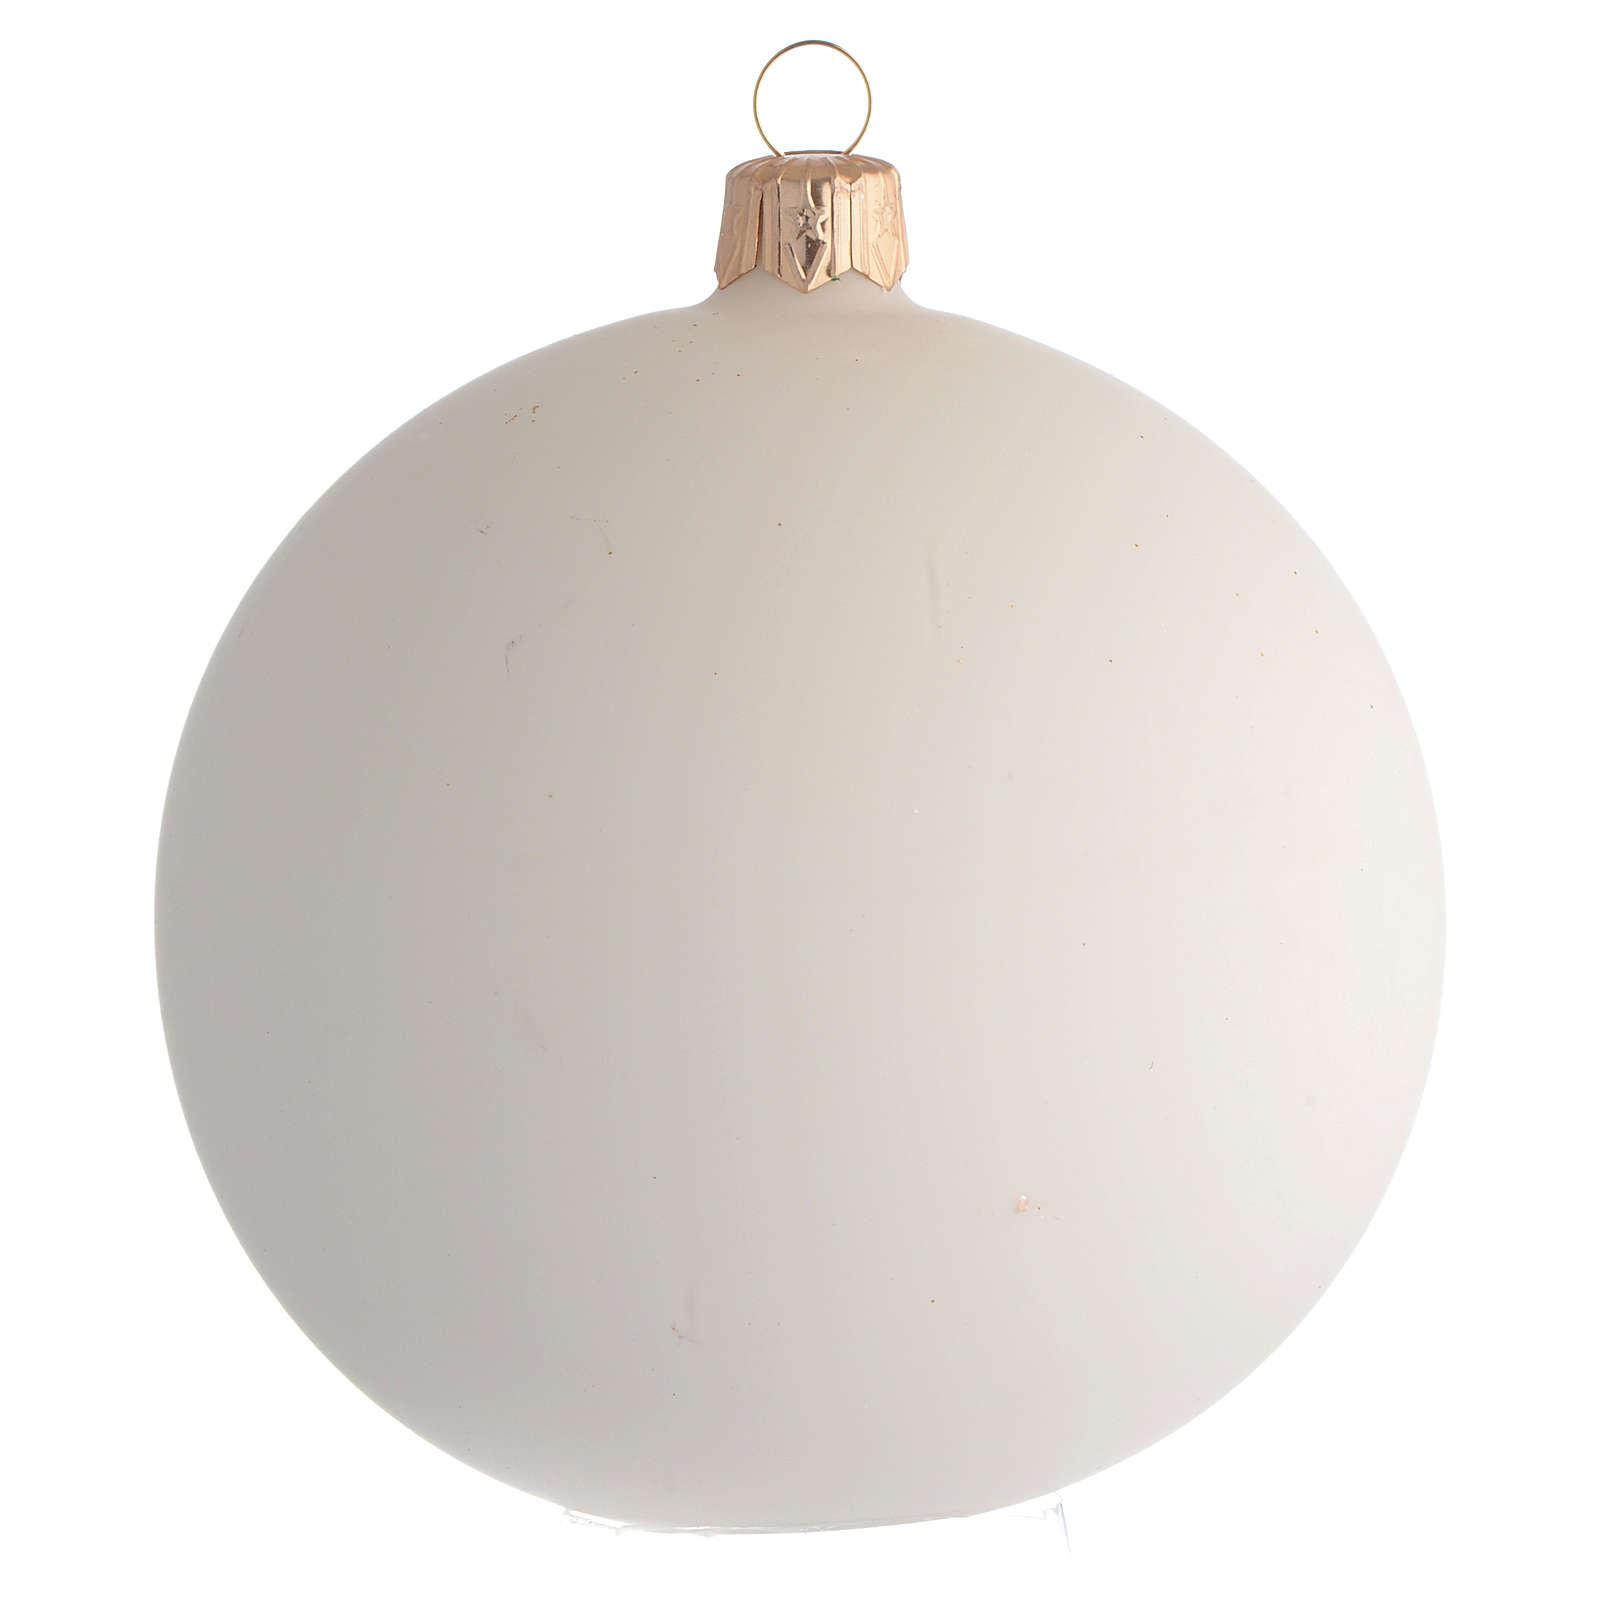 Bombka bożonarodzeniowa z Janem Pawłem II 100mm 4